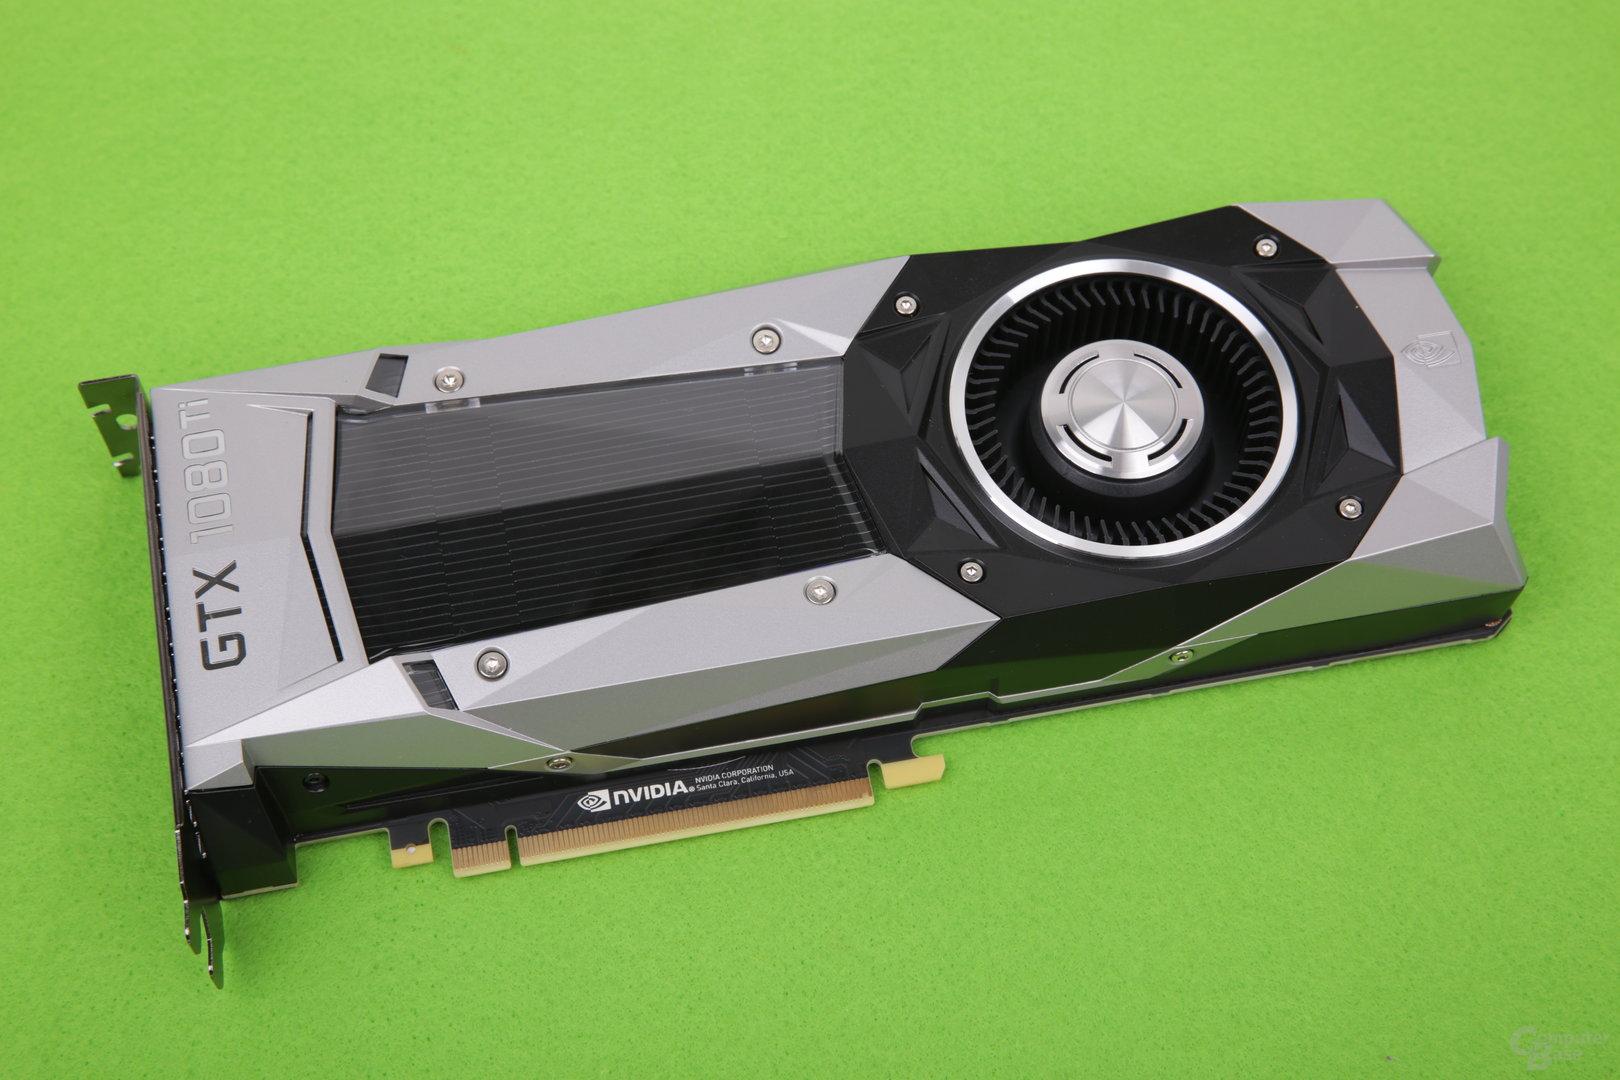 Schneller als mit der Nvidia GeForce GTX 1080 Ti Founders Edition geht es aktuell nicht